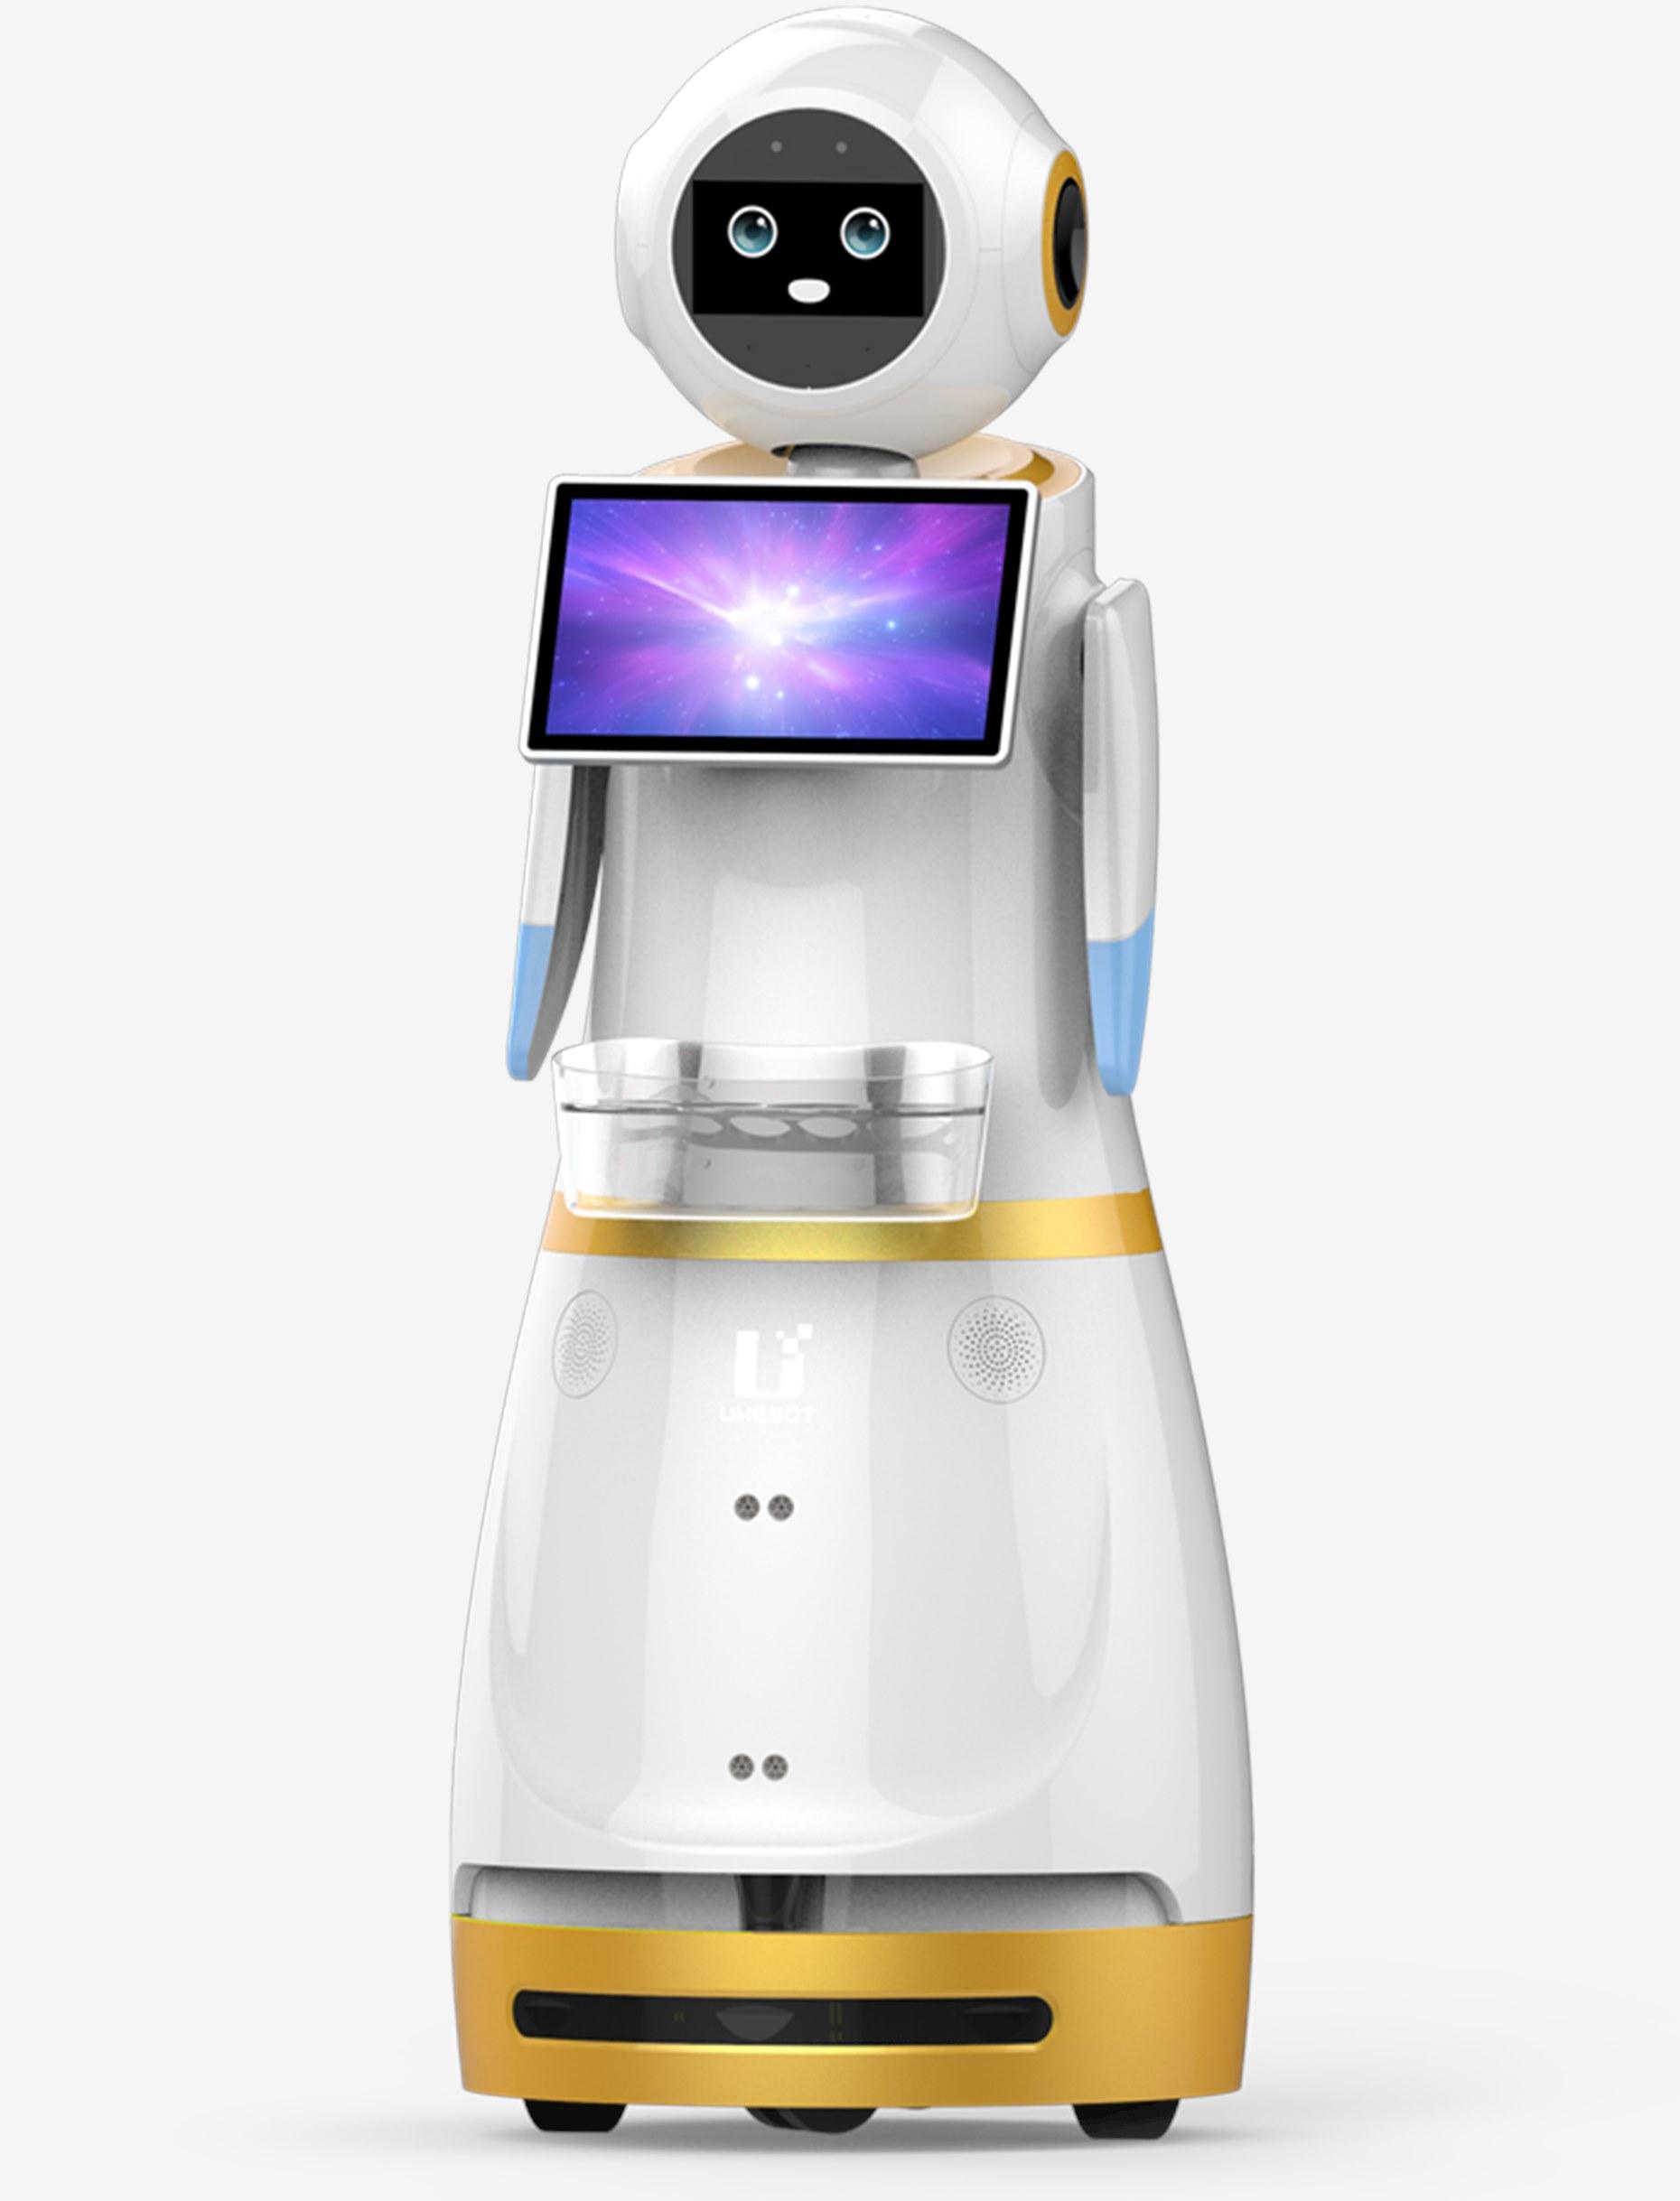 迎宾机器人有哪些功能?.png